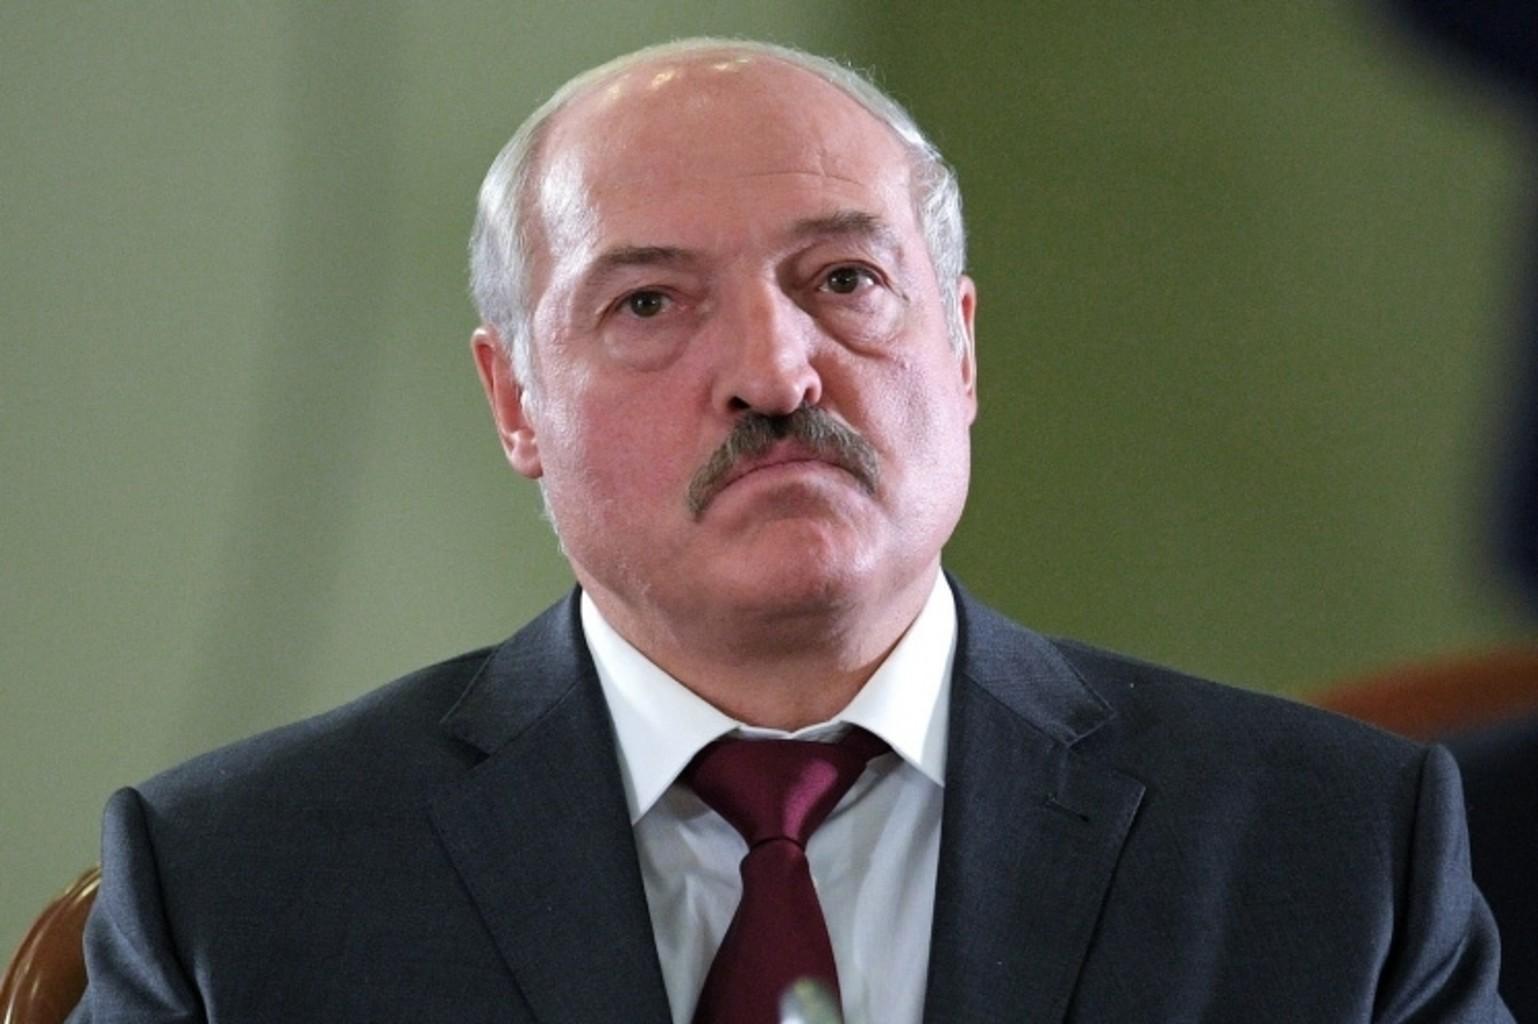 Лукашенко поломал сценарий, не предупредив окружение. Кремль торопит?